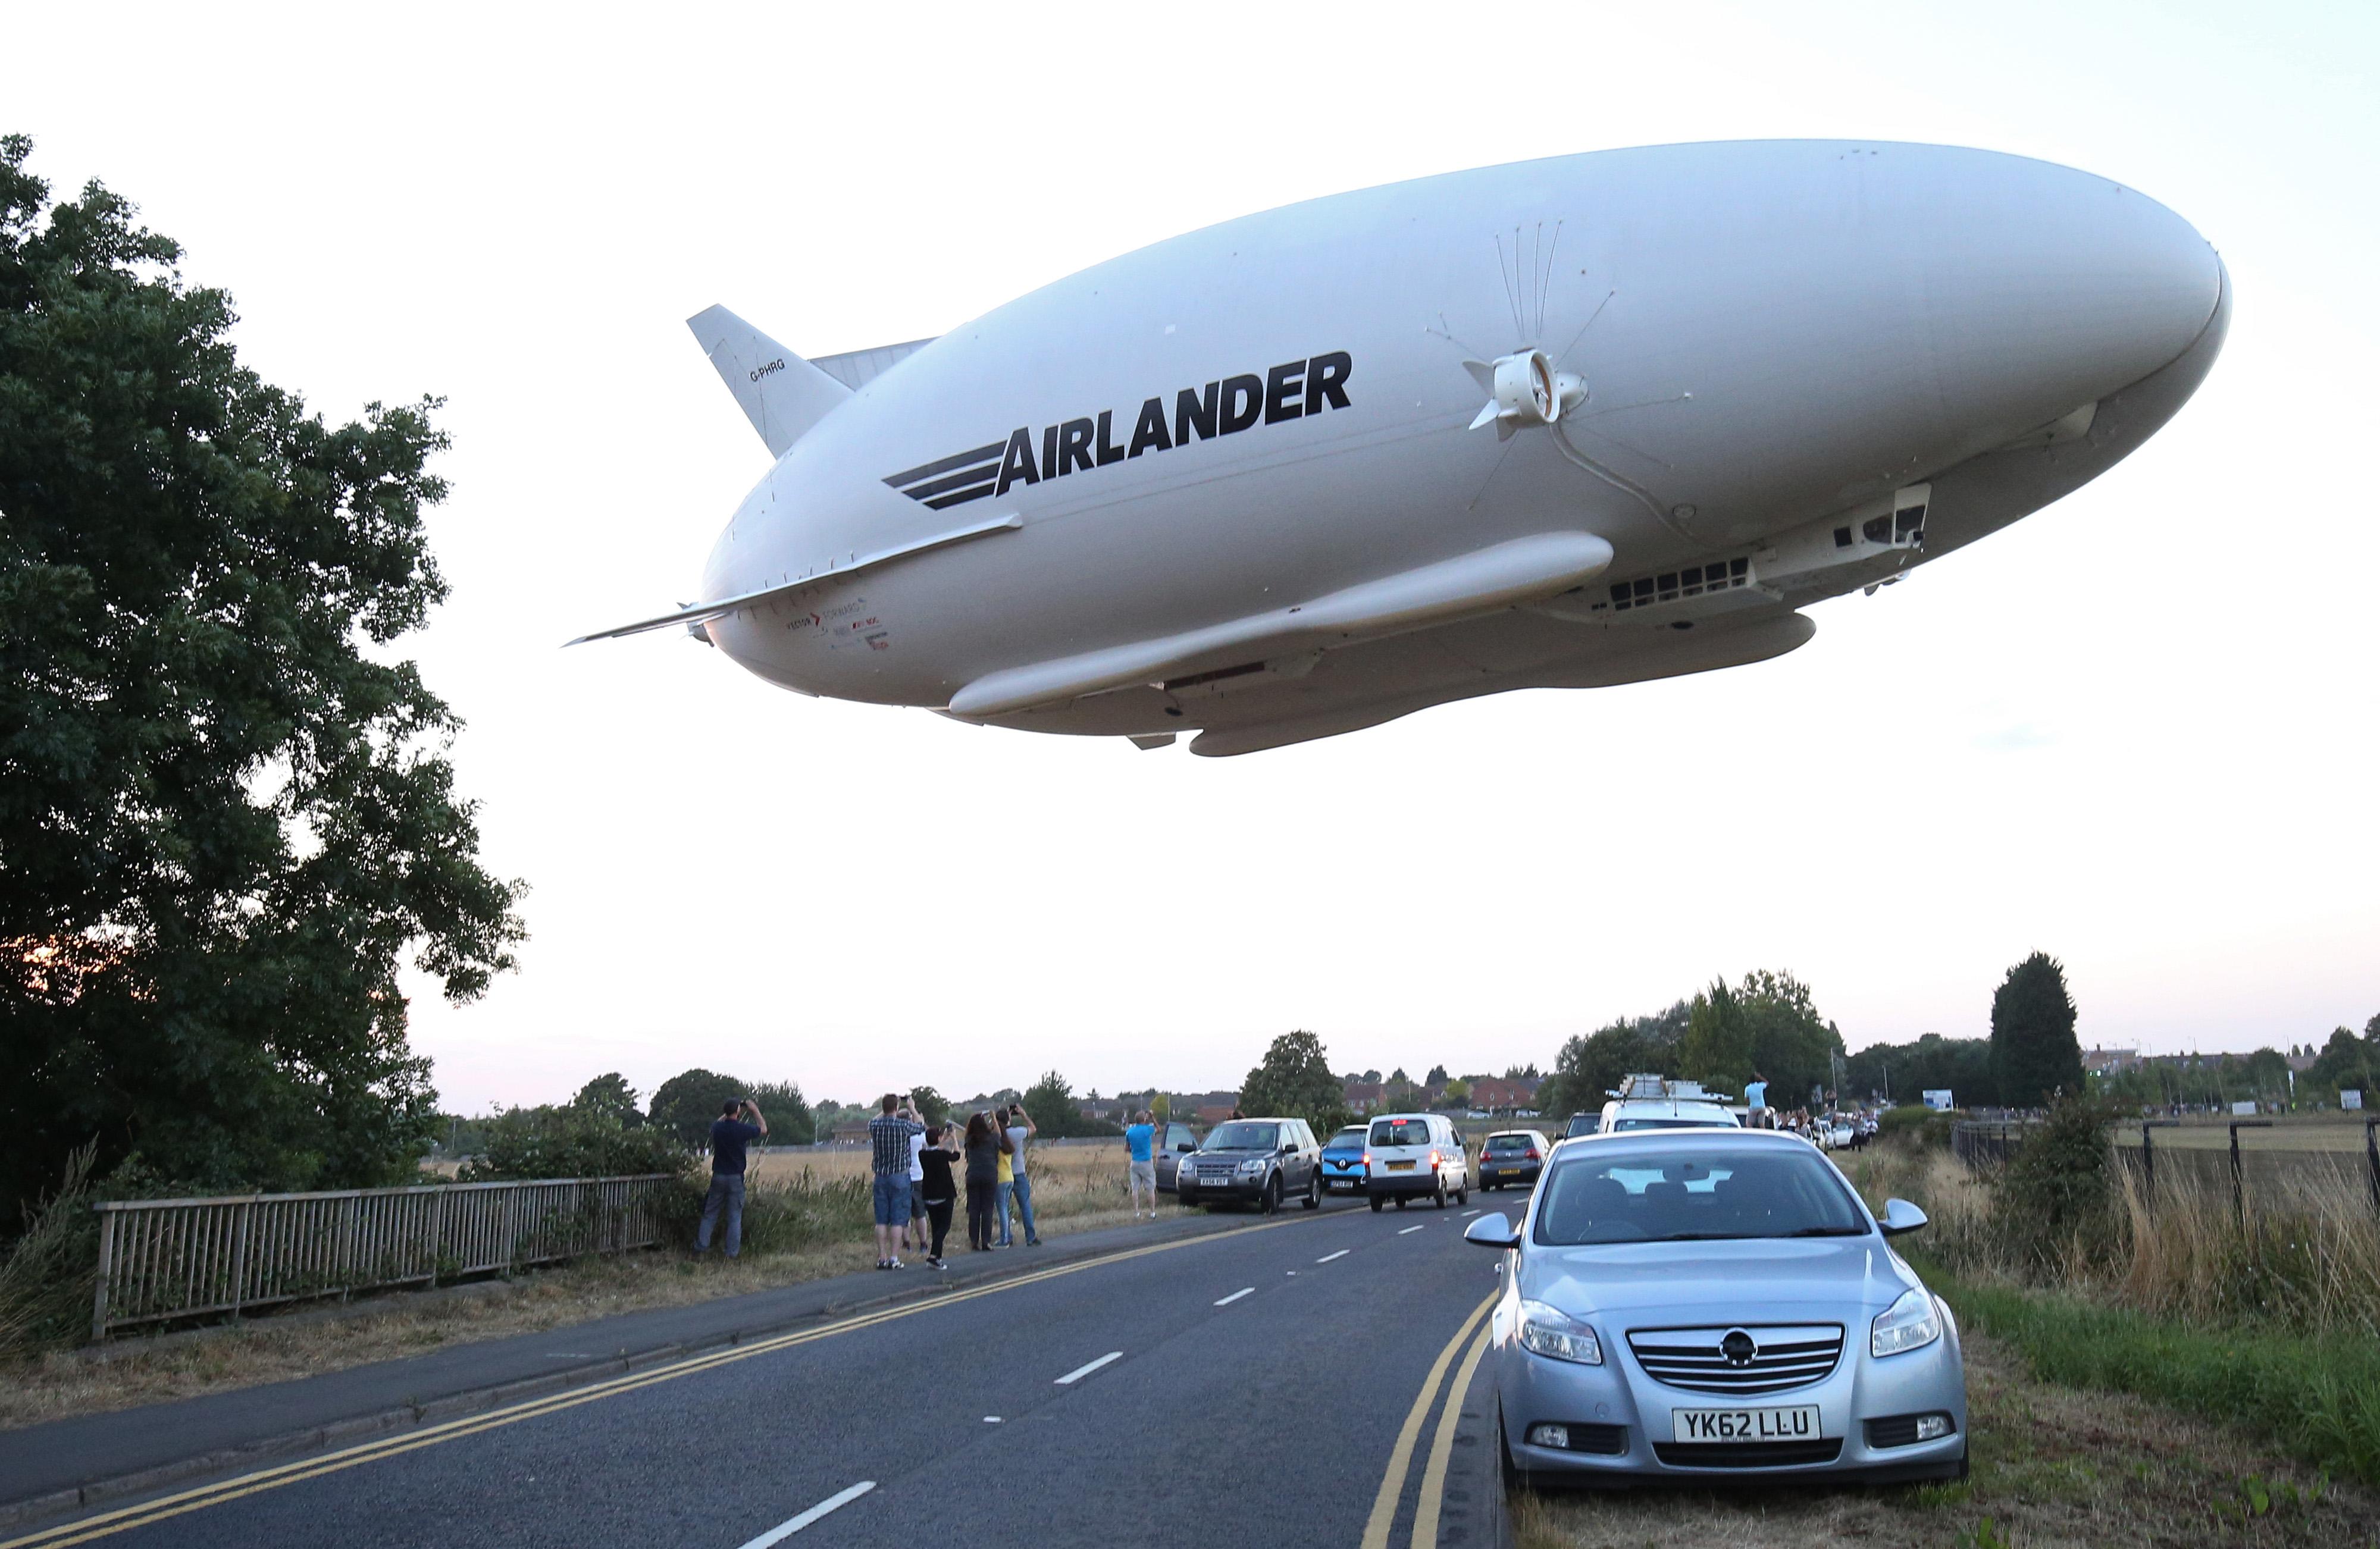 世界最大飛機投入商用生產 擬2020年升空